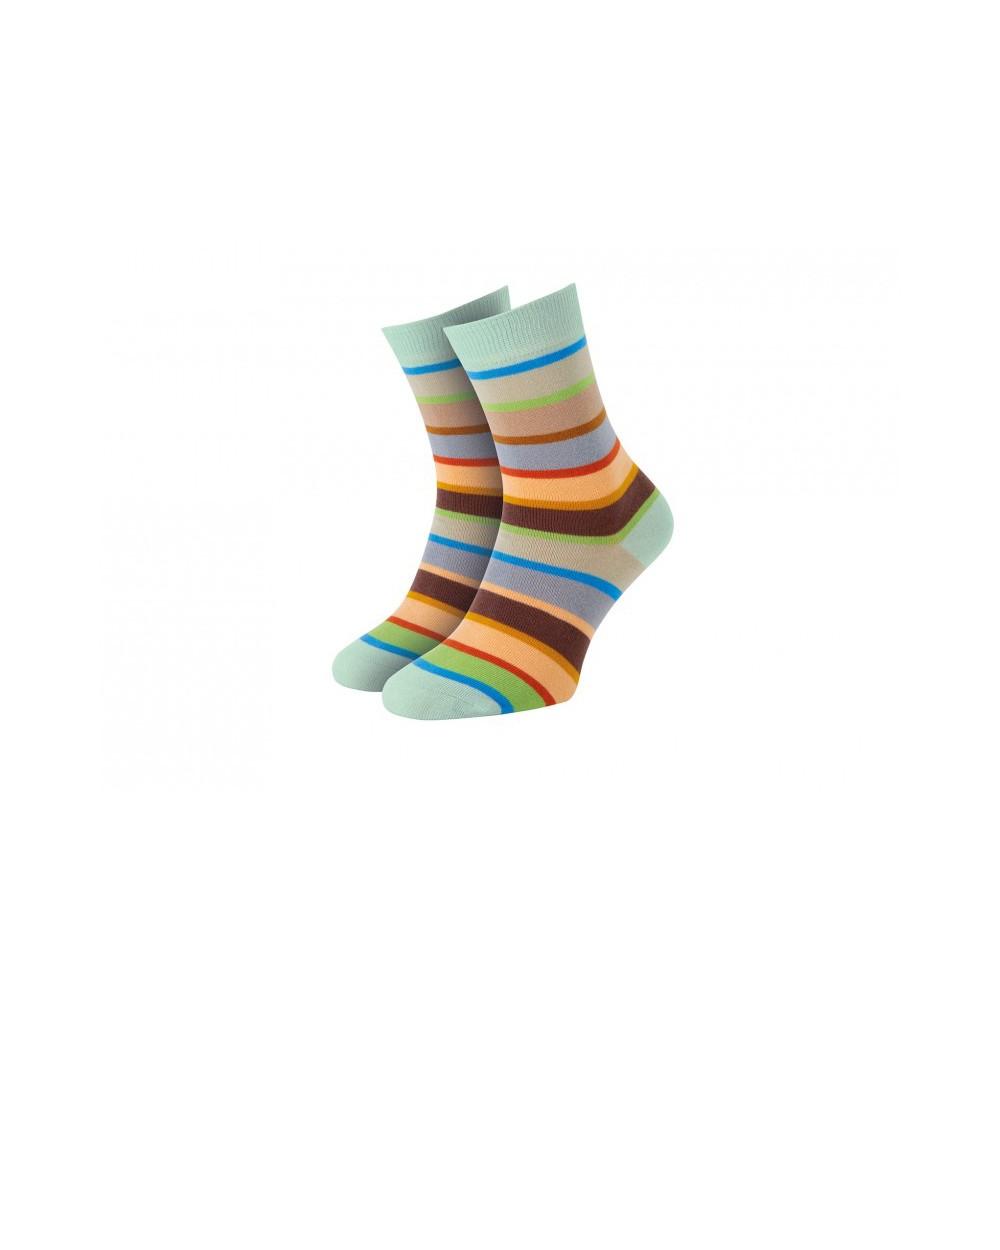 Socken bunt Damen von REMEMBER